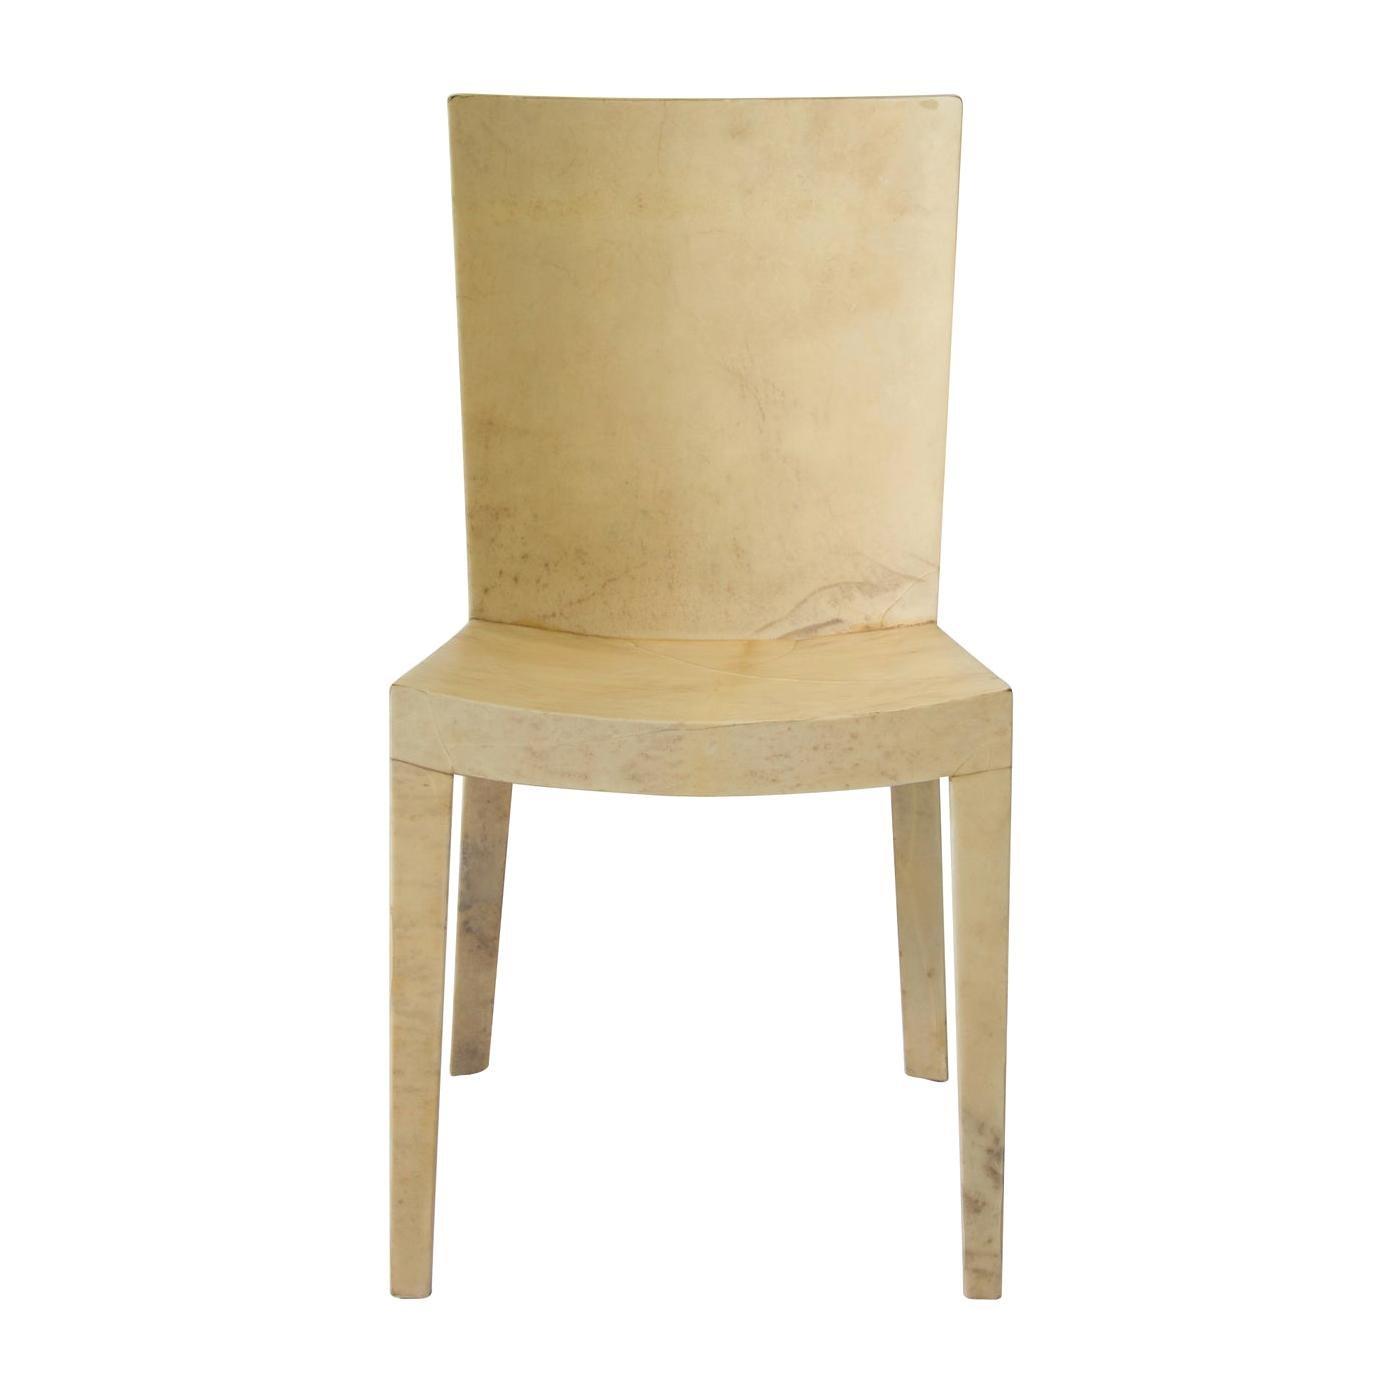 JMF Chair by Karl Springer